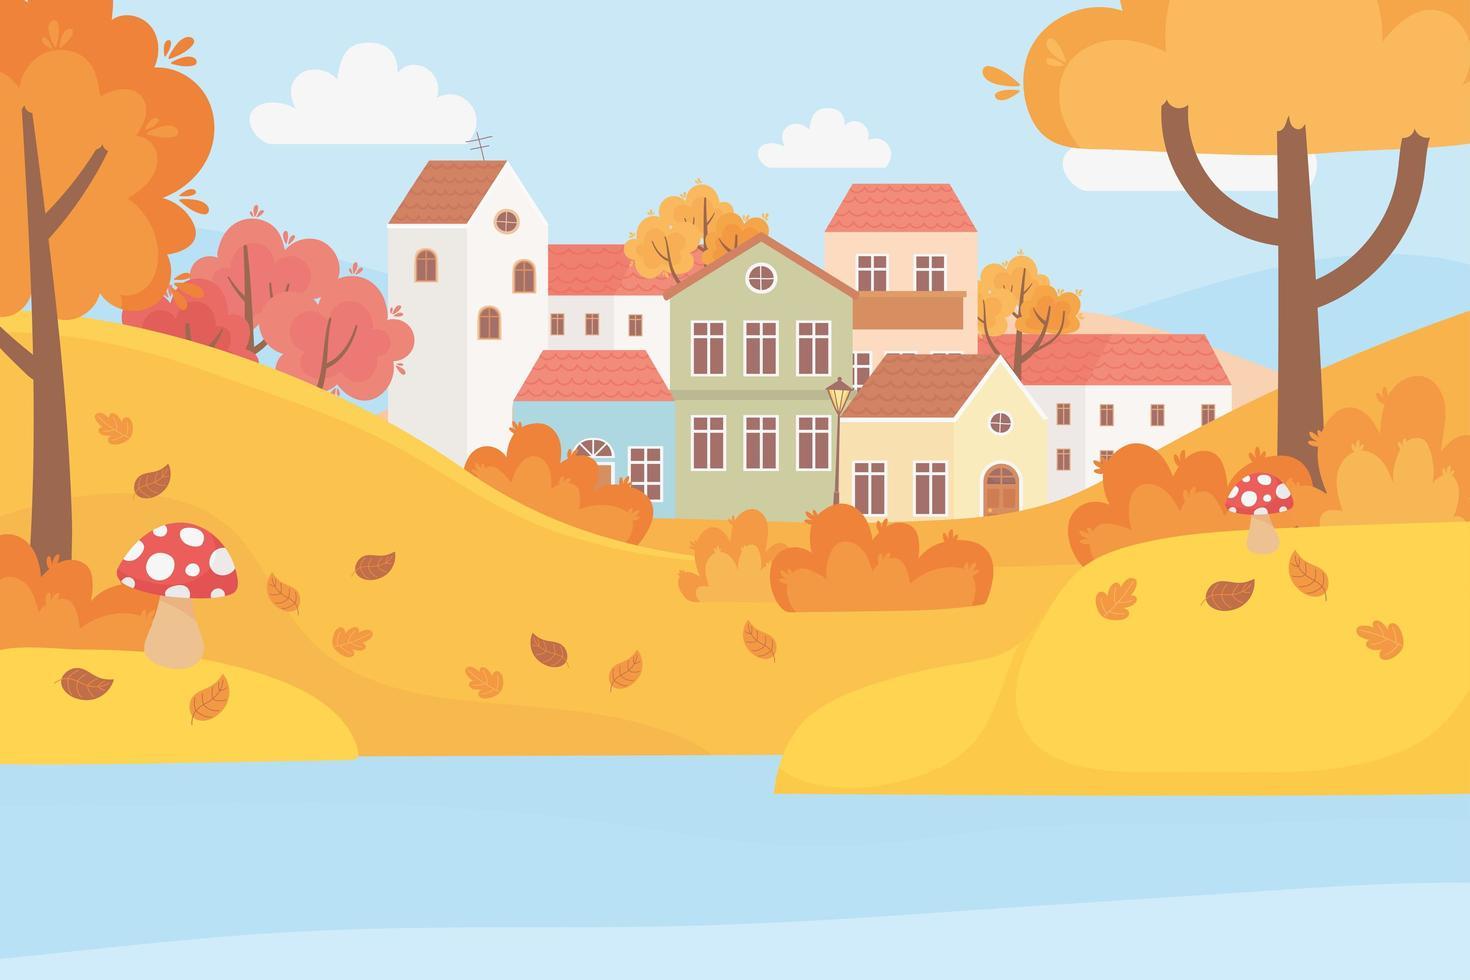 paisagem no outono. casas de aldeia, árvores e folhas vetor